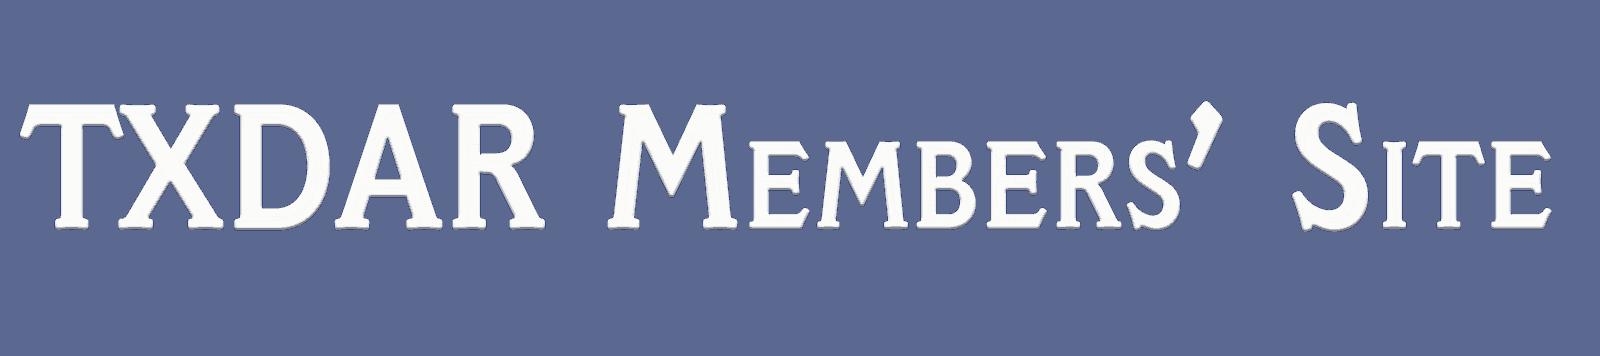 TXDAR Member's Site